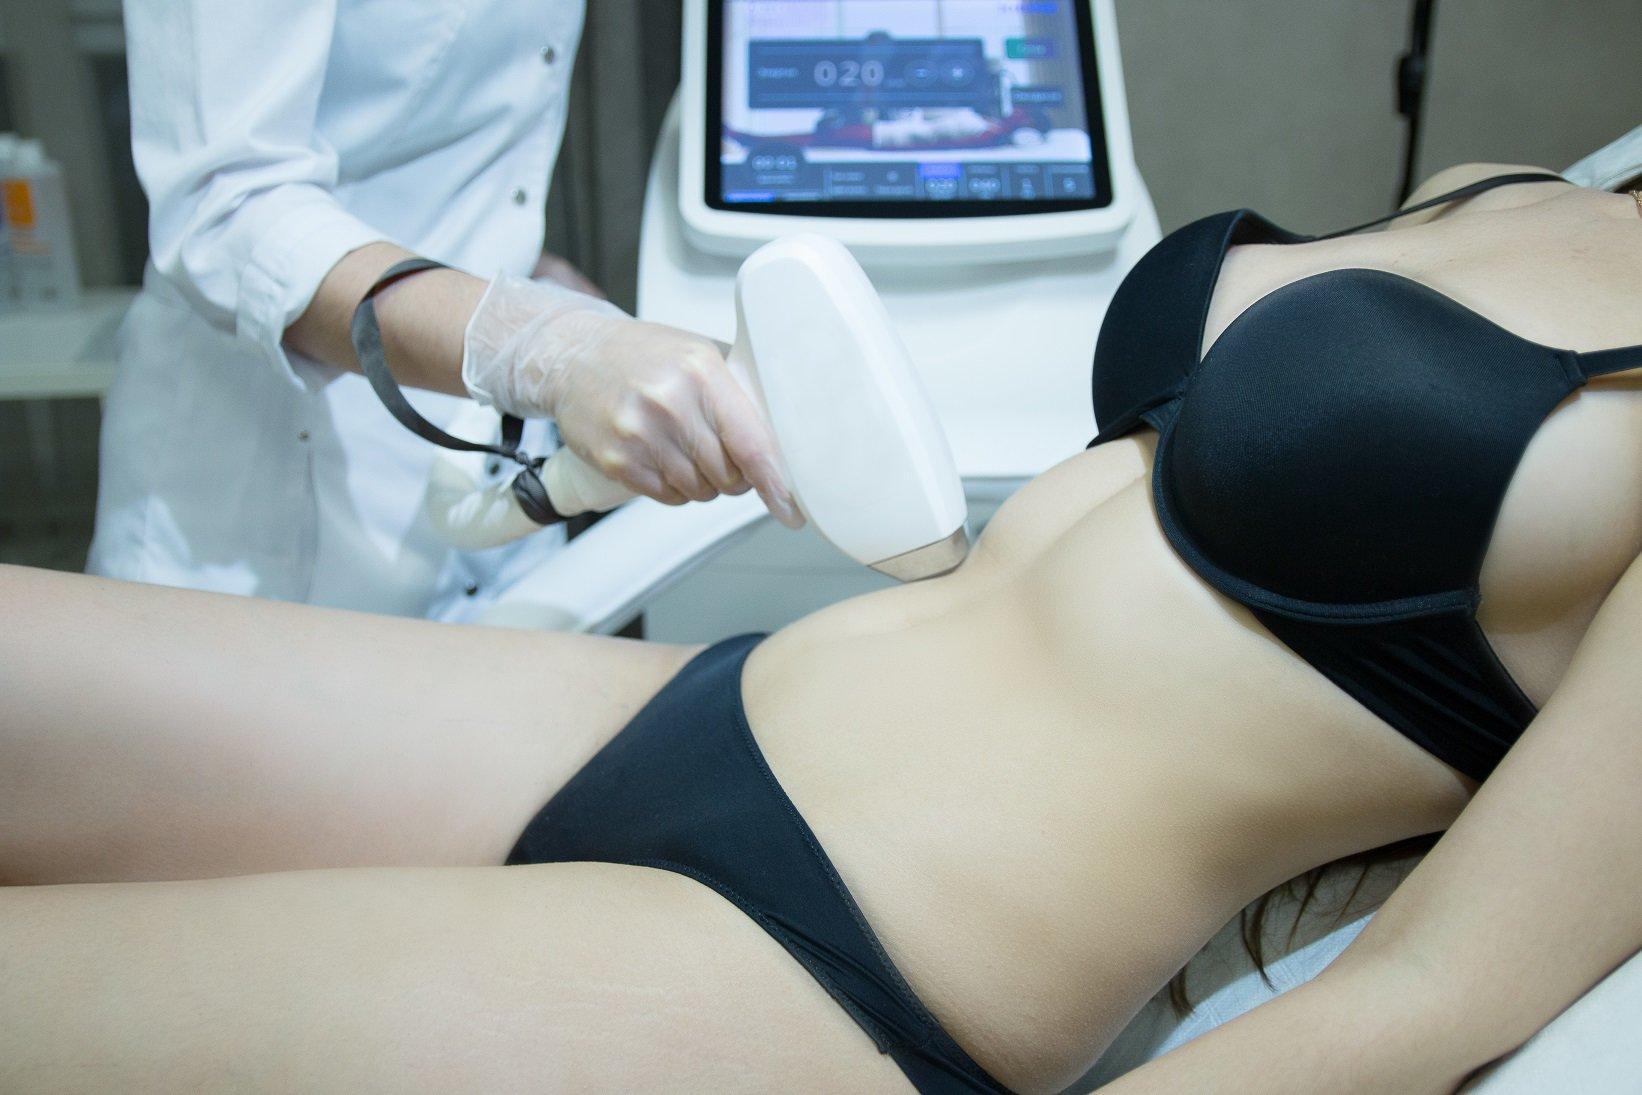 Лазерная эпиляция глубокого бикини, отзывы женщин и косметологов